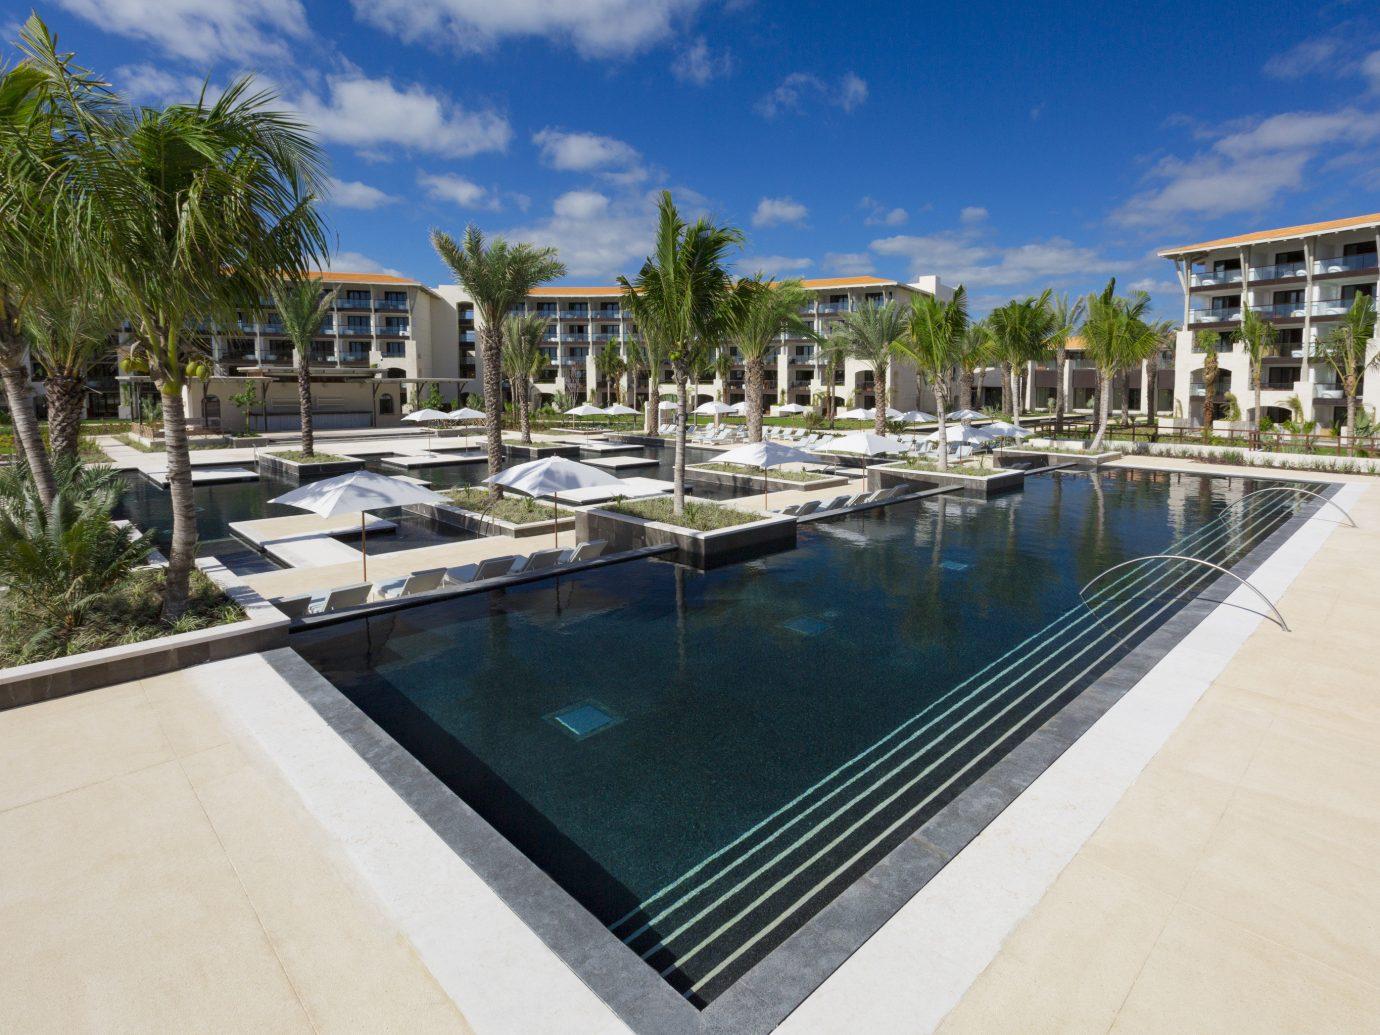 Pool at UNICO 20˚ 87˚ Riviera Maya, Mexico